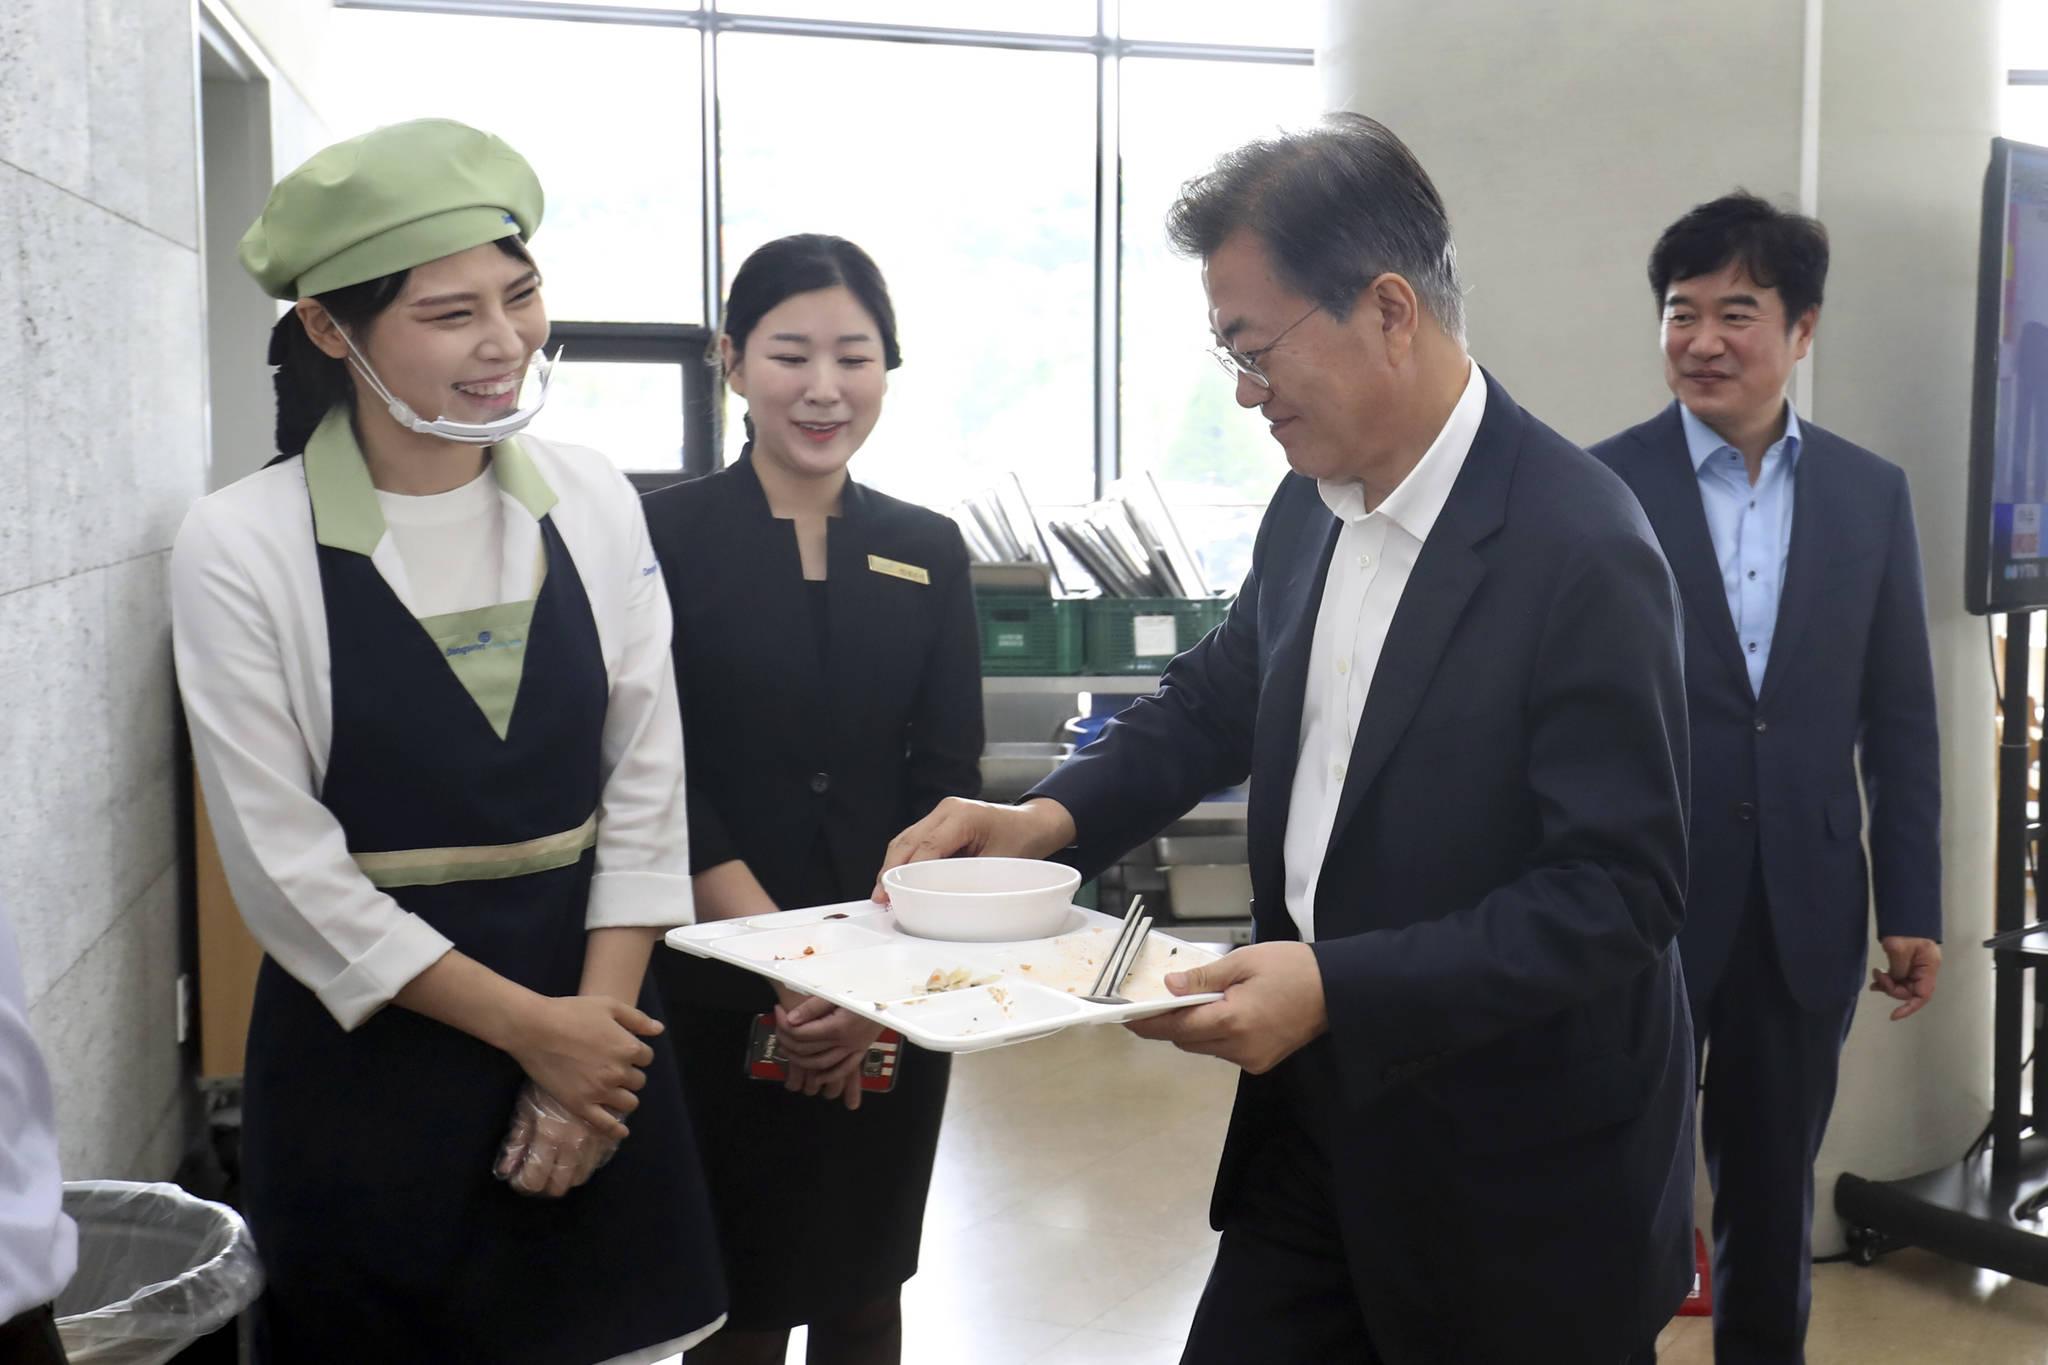 지난해 8월 31일 문재인 대통령이 정부세종청사 구내식당에서 점심식사를 마친 후 식기를 반납하고 있다.김상선 기자